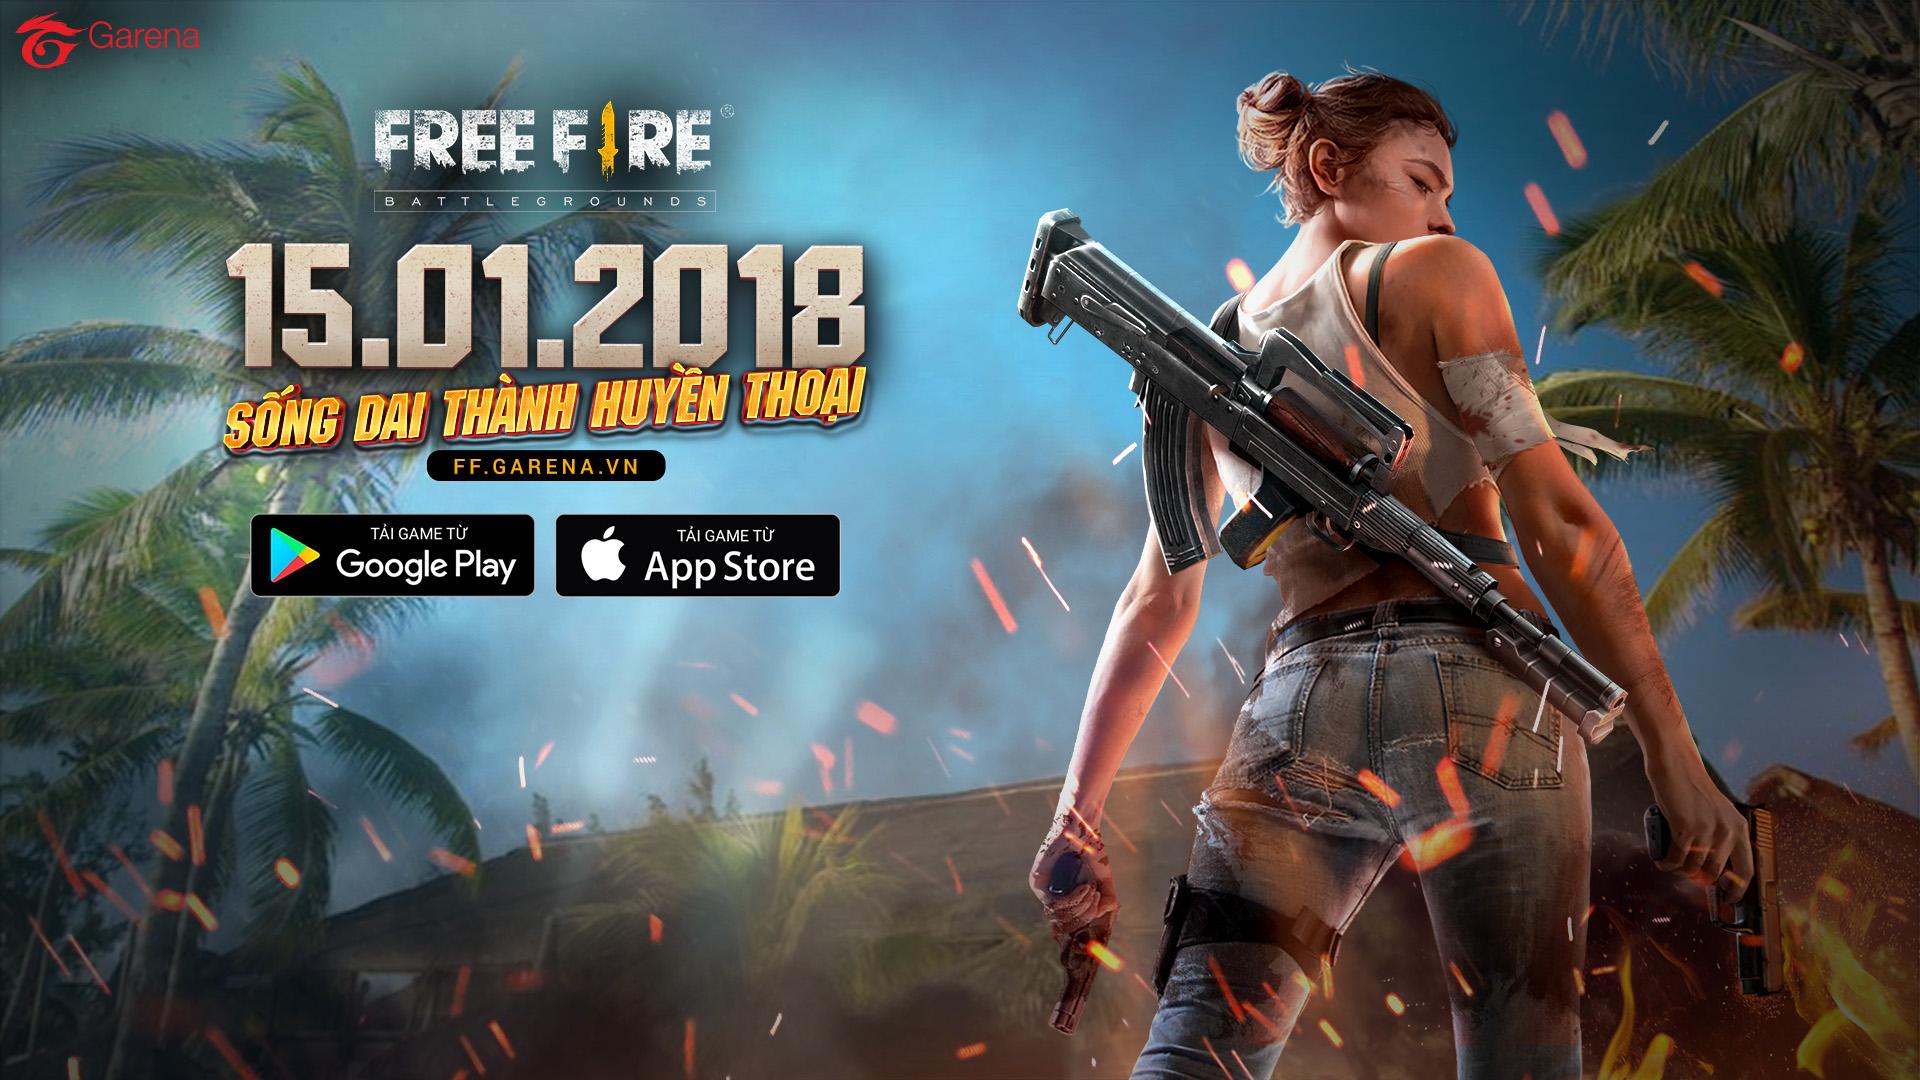 Garena: ''Free Fire khác biệt hoàn toàn với các Game PUBG